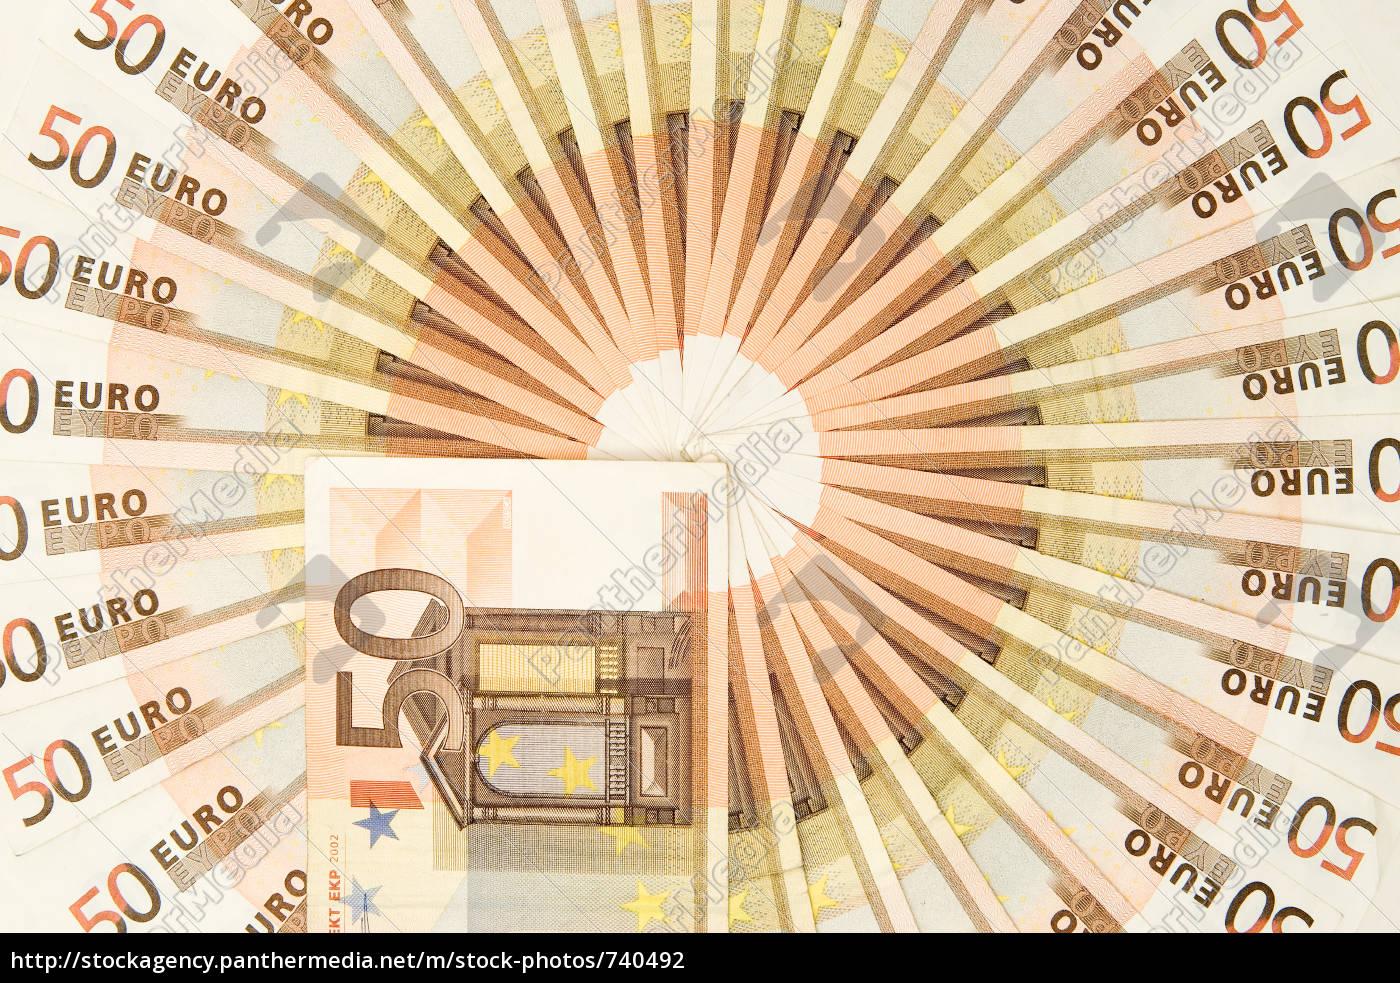 50, euro, money, snail - 740492